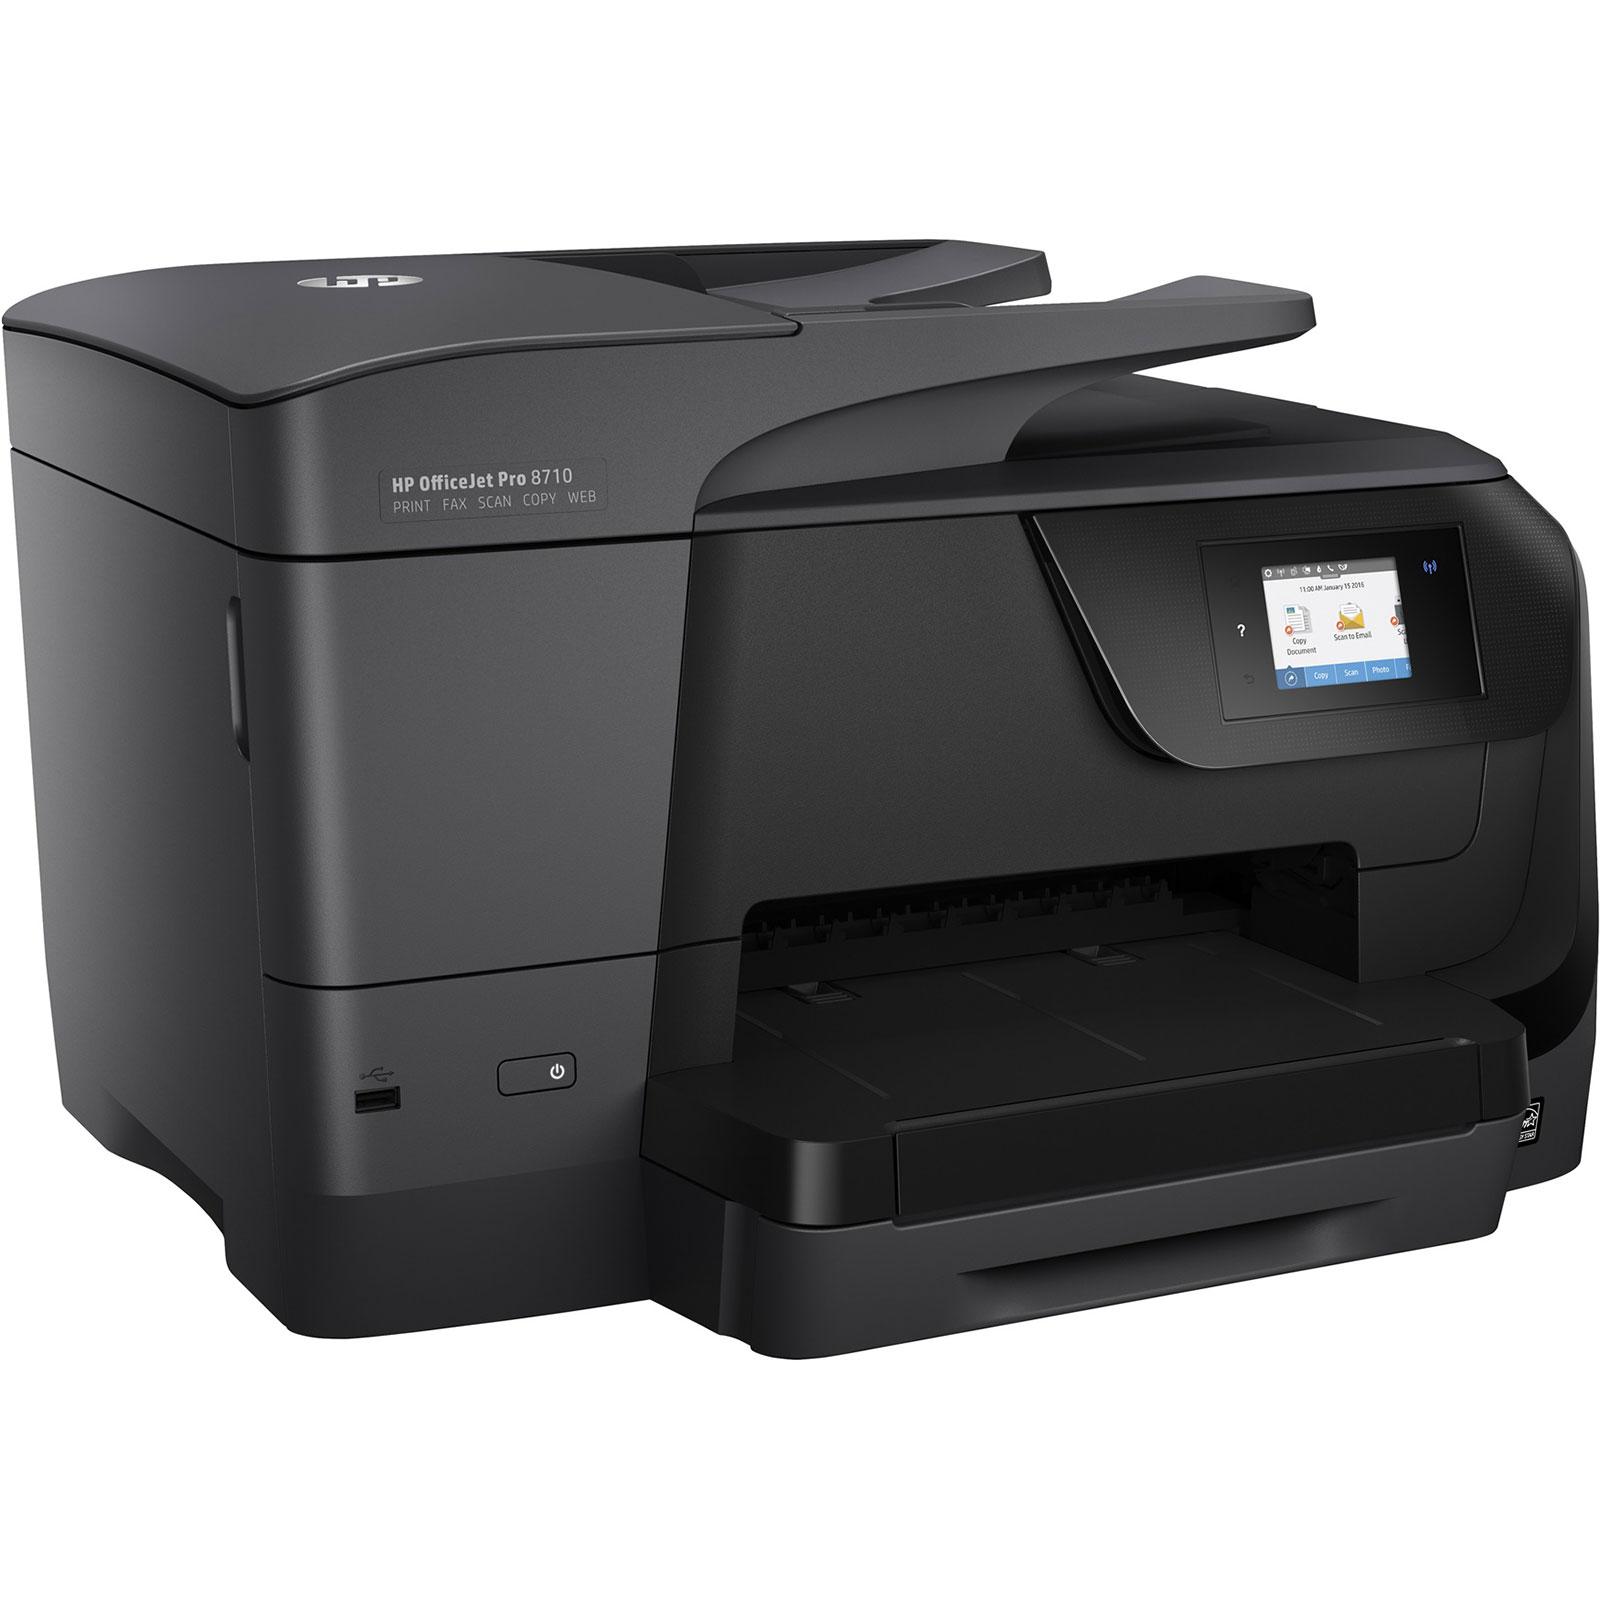 hp officejet pro 8710 imprimante multifonction hp sur. Black Bedroom Furniture Sets. Home Design Ideas